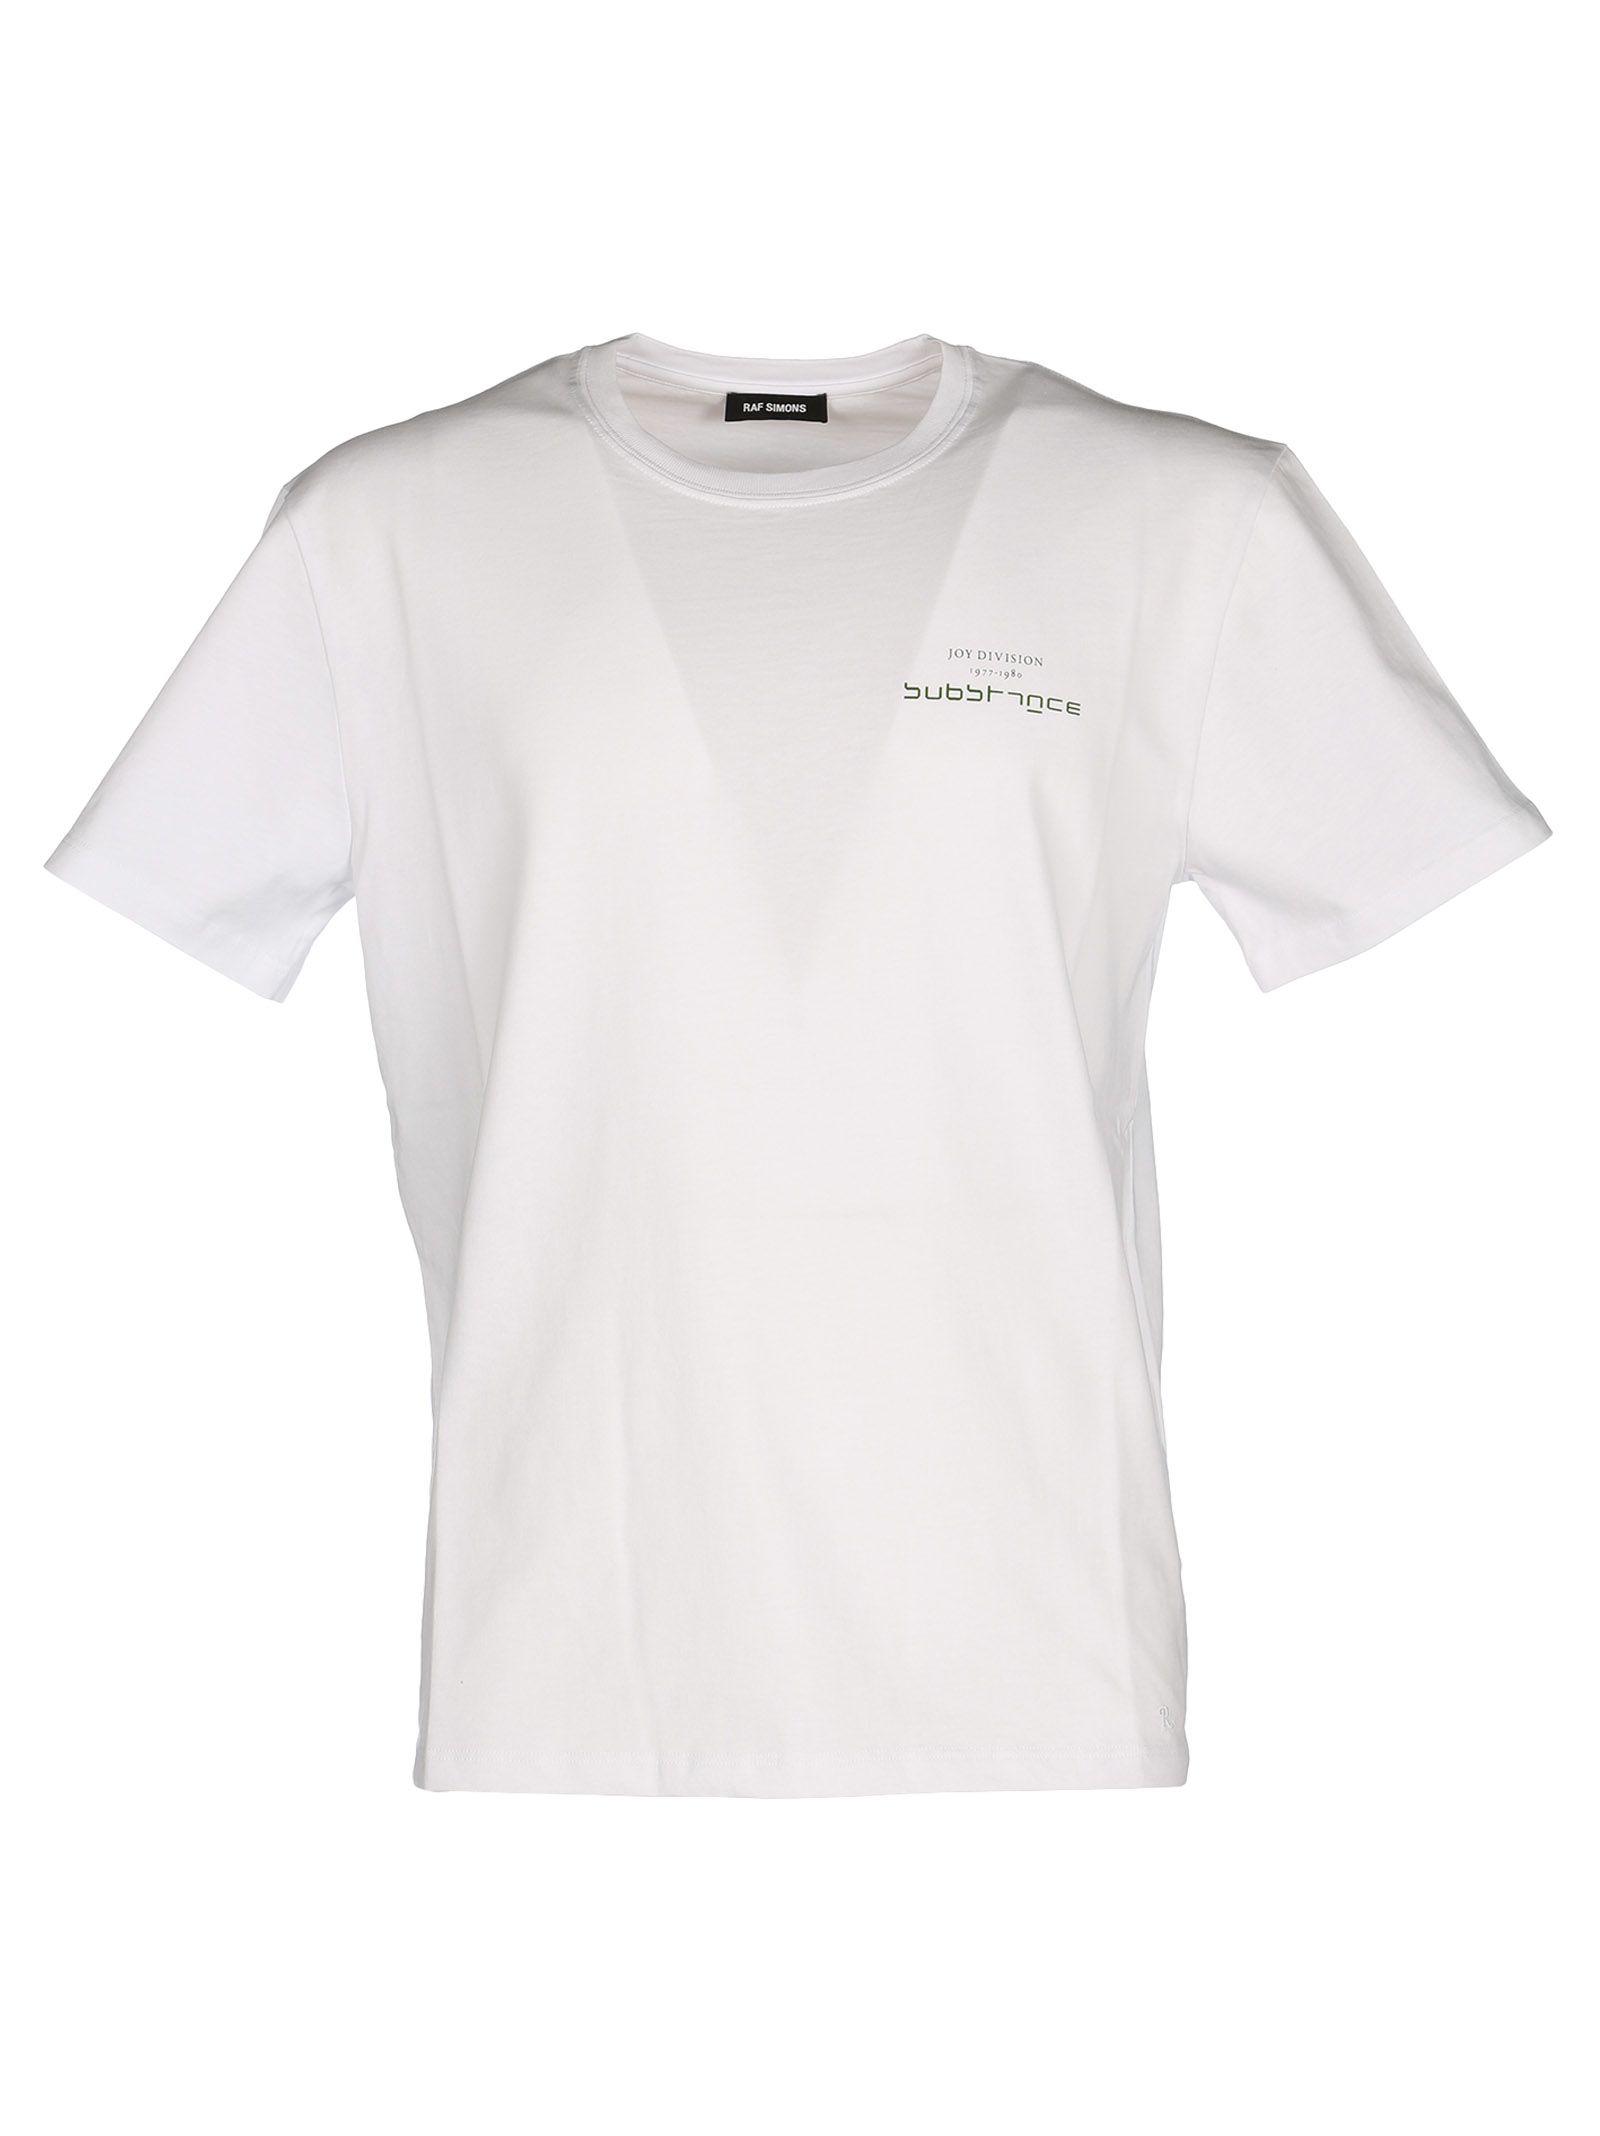 Raf Simons Joy Division T-shirt